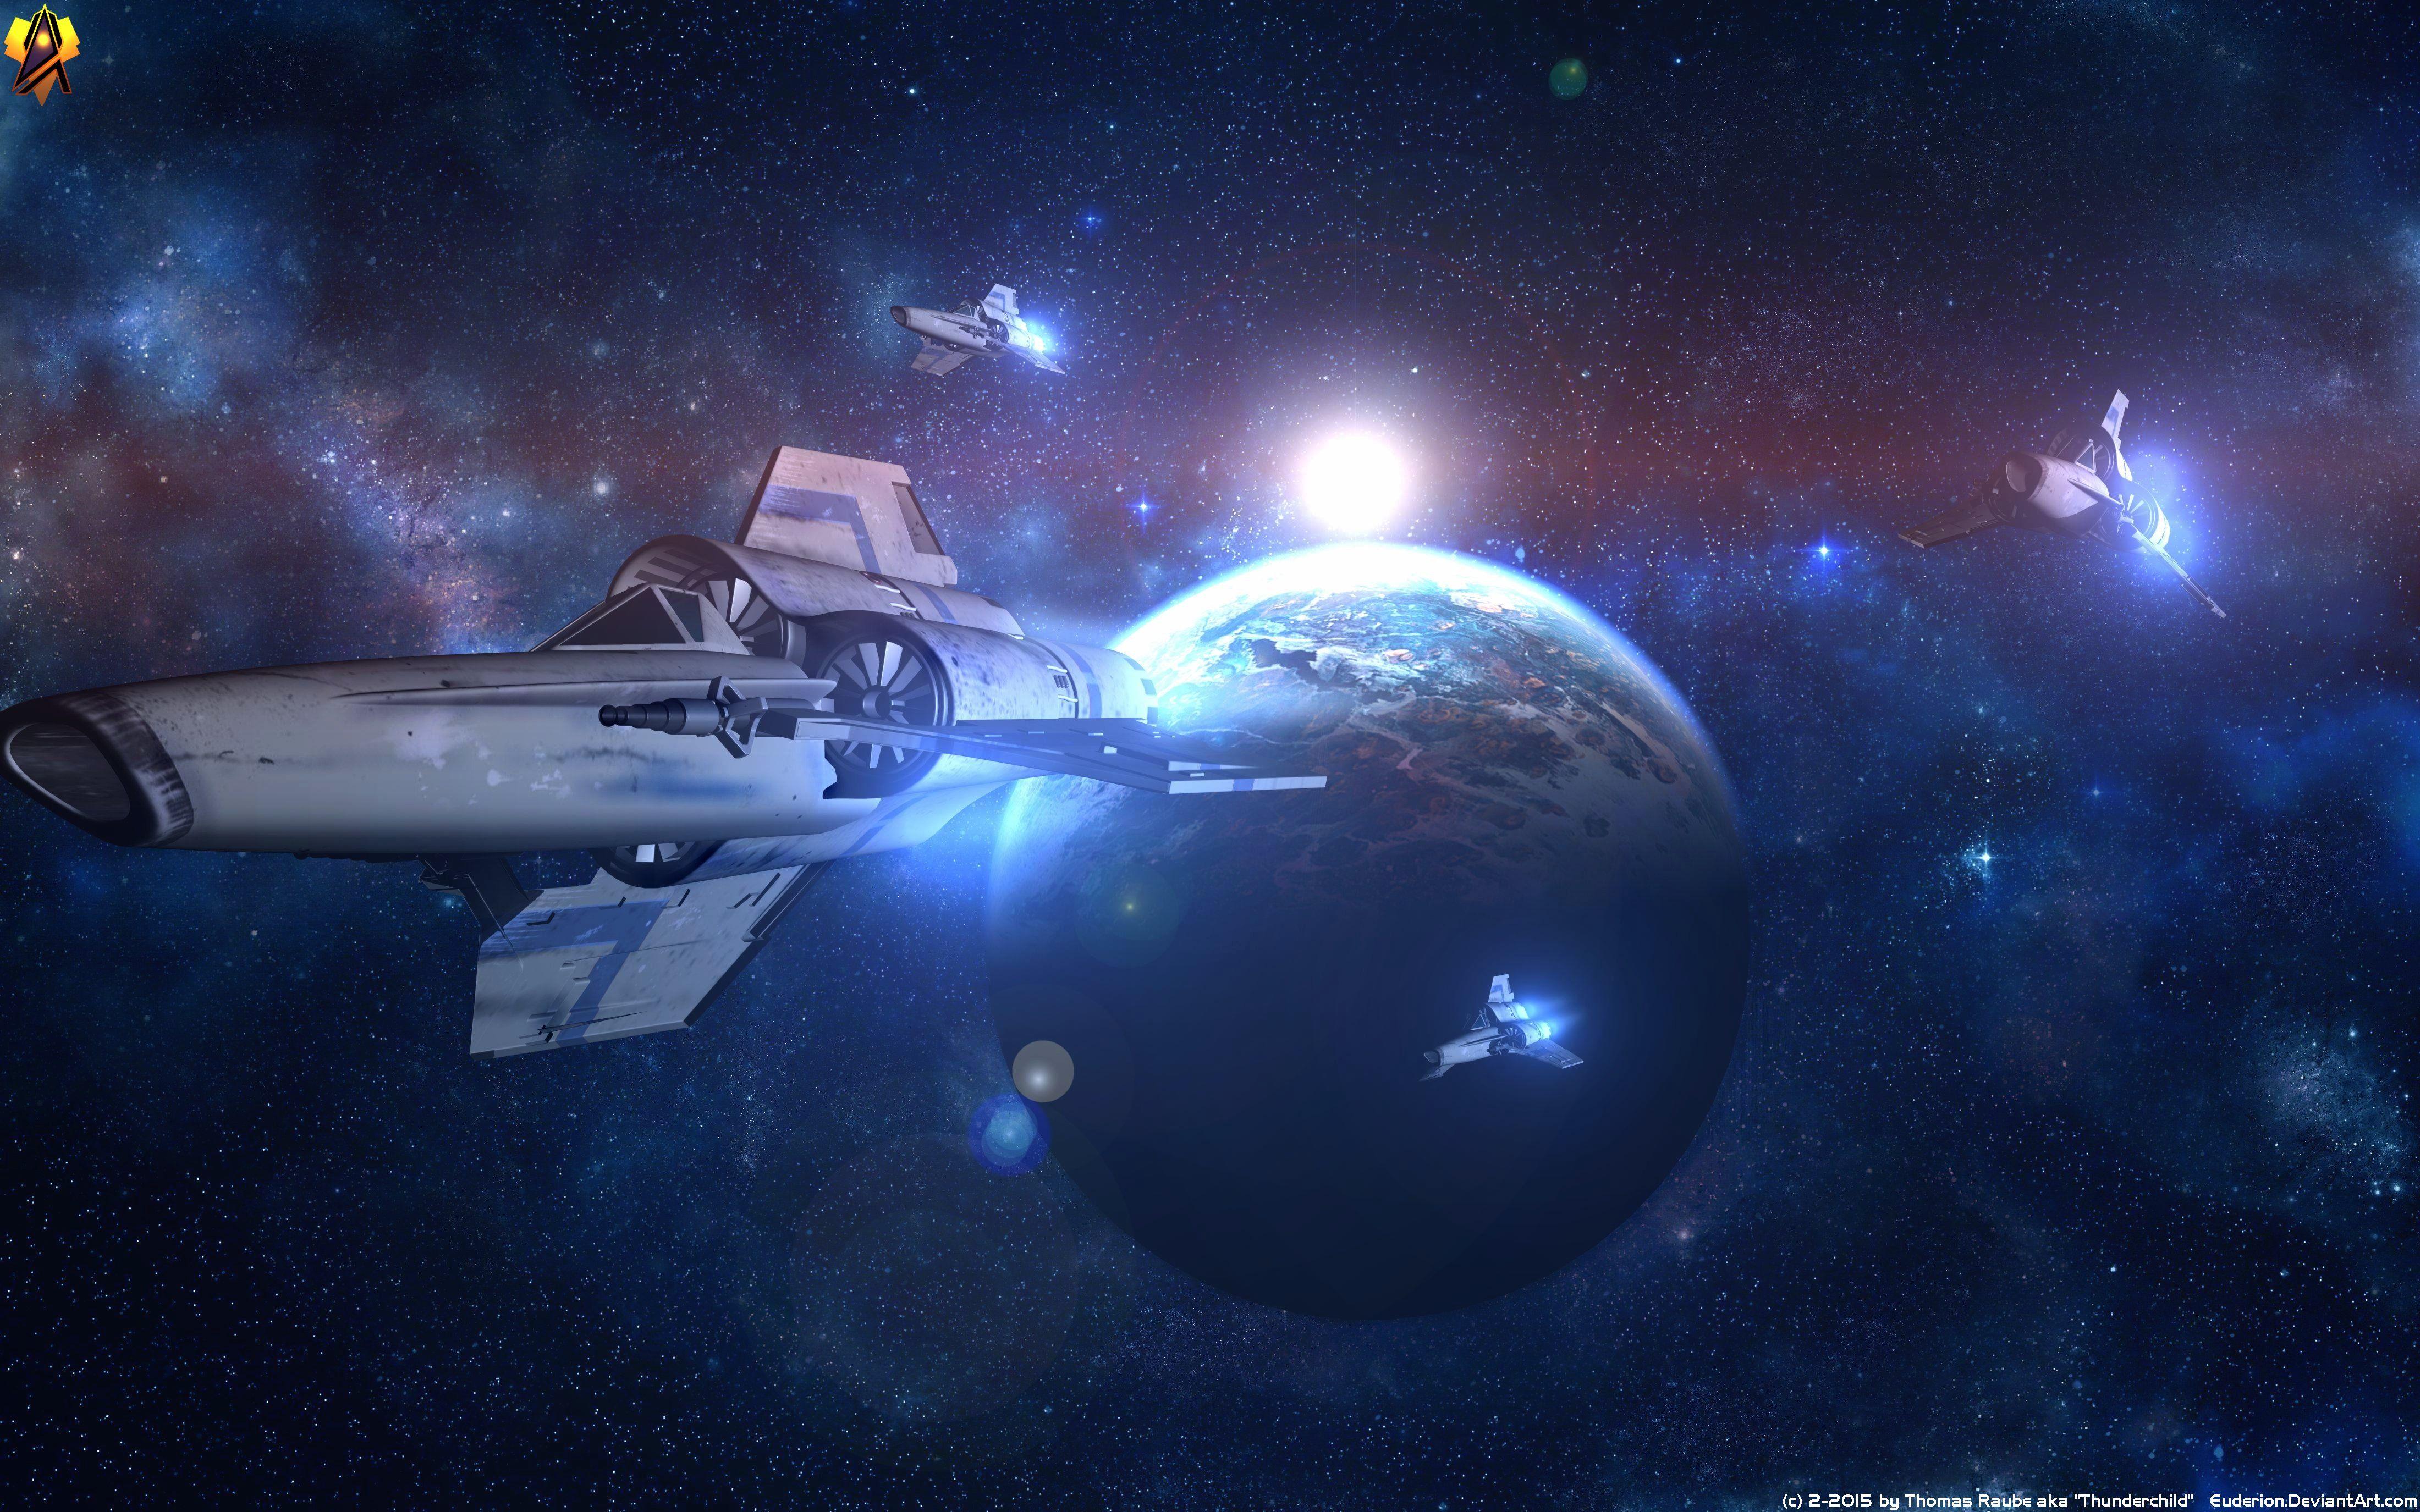 Battlestar Galactica 1978 Starship Wallpaper